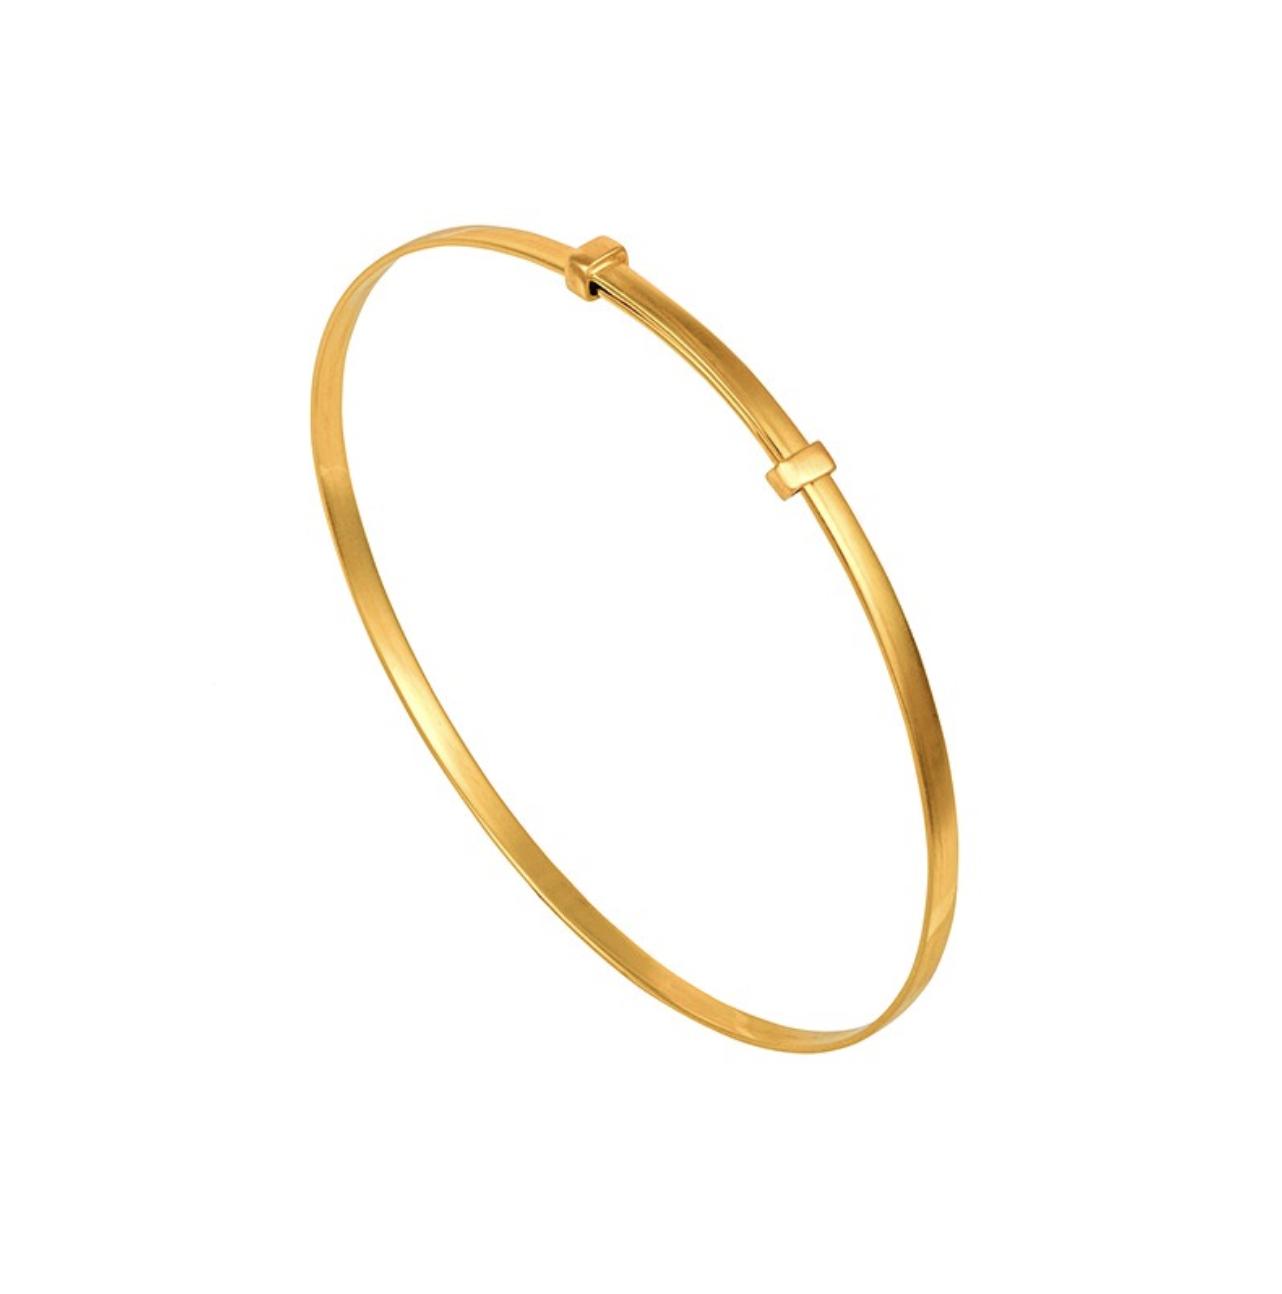 Comment porter le bracelet jonc en or 18 carats - Mangue Poudrée - Influenceuse Reims Paris Lille or reglable